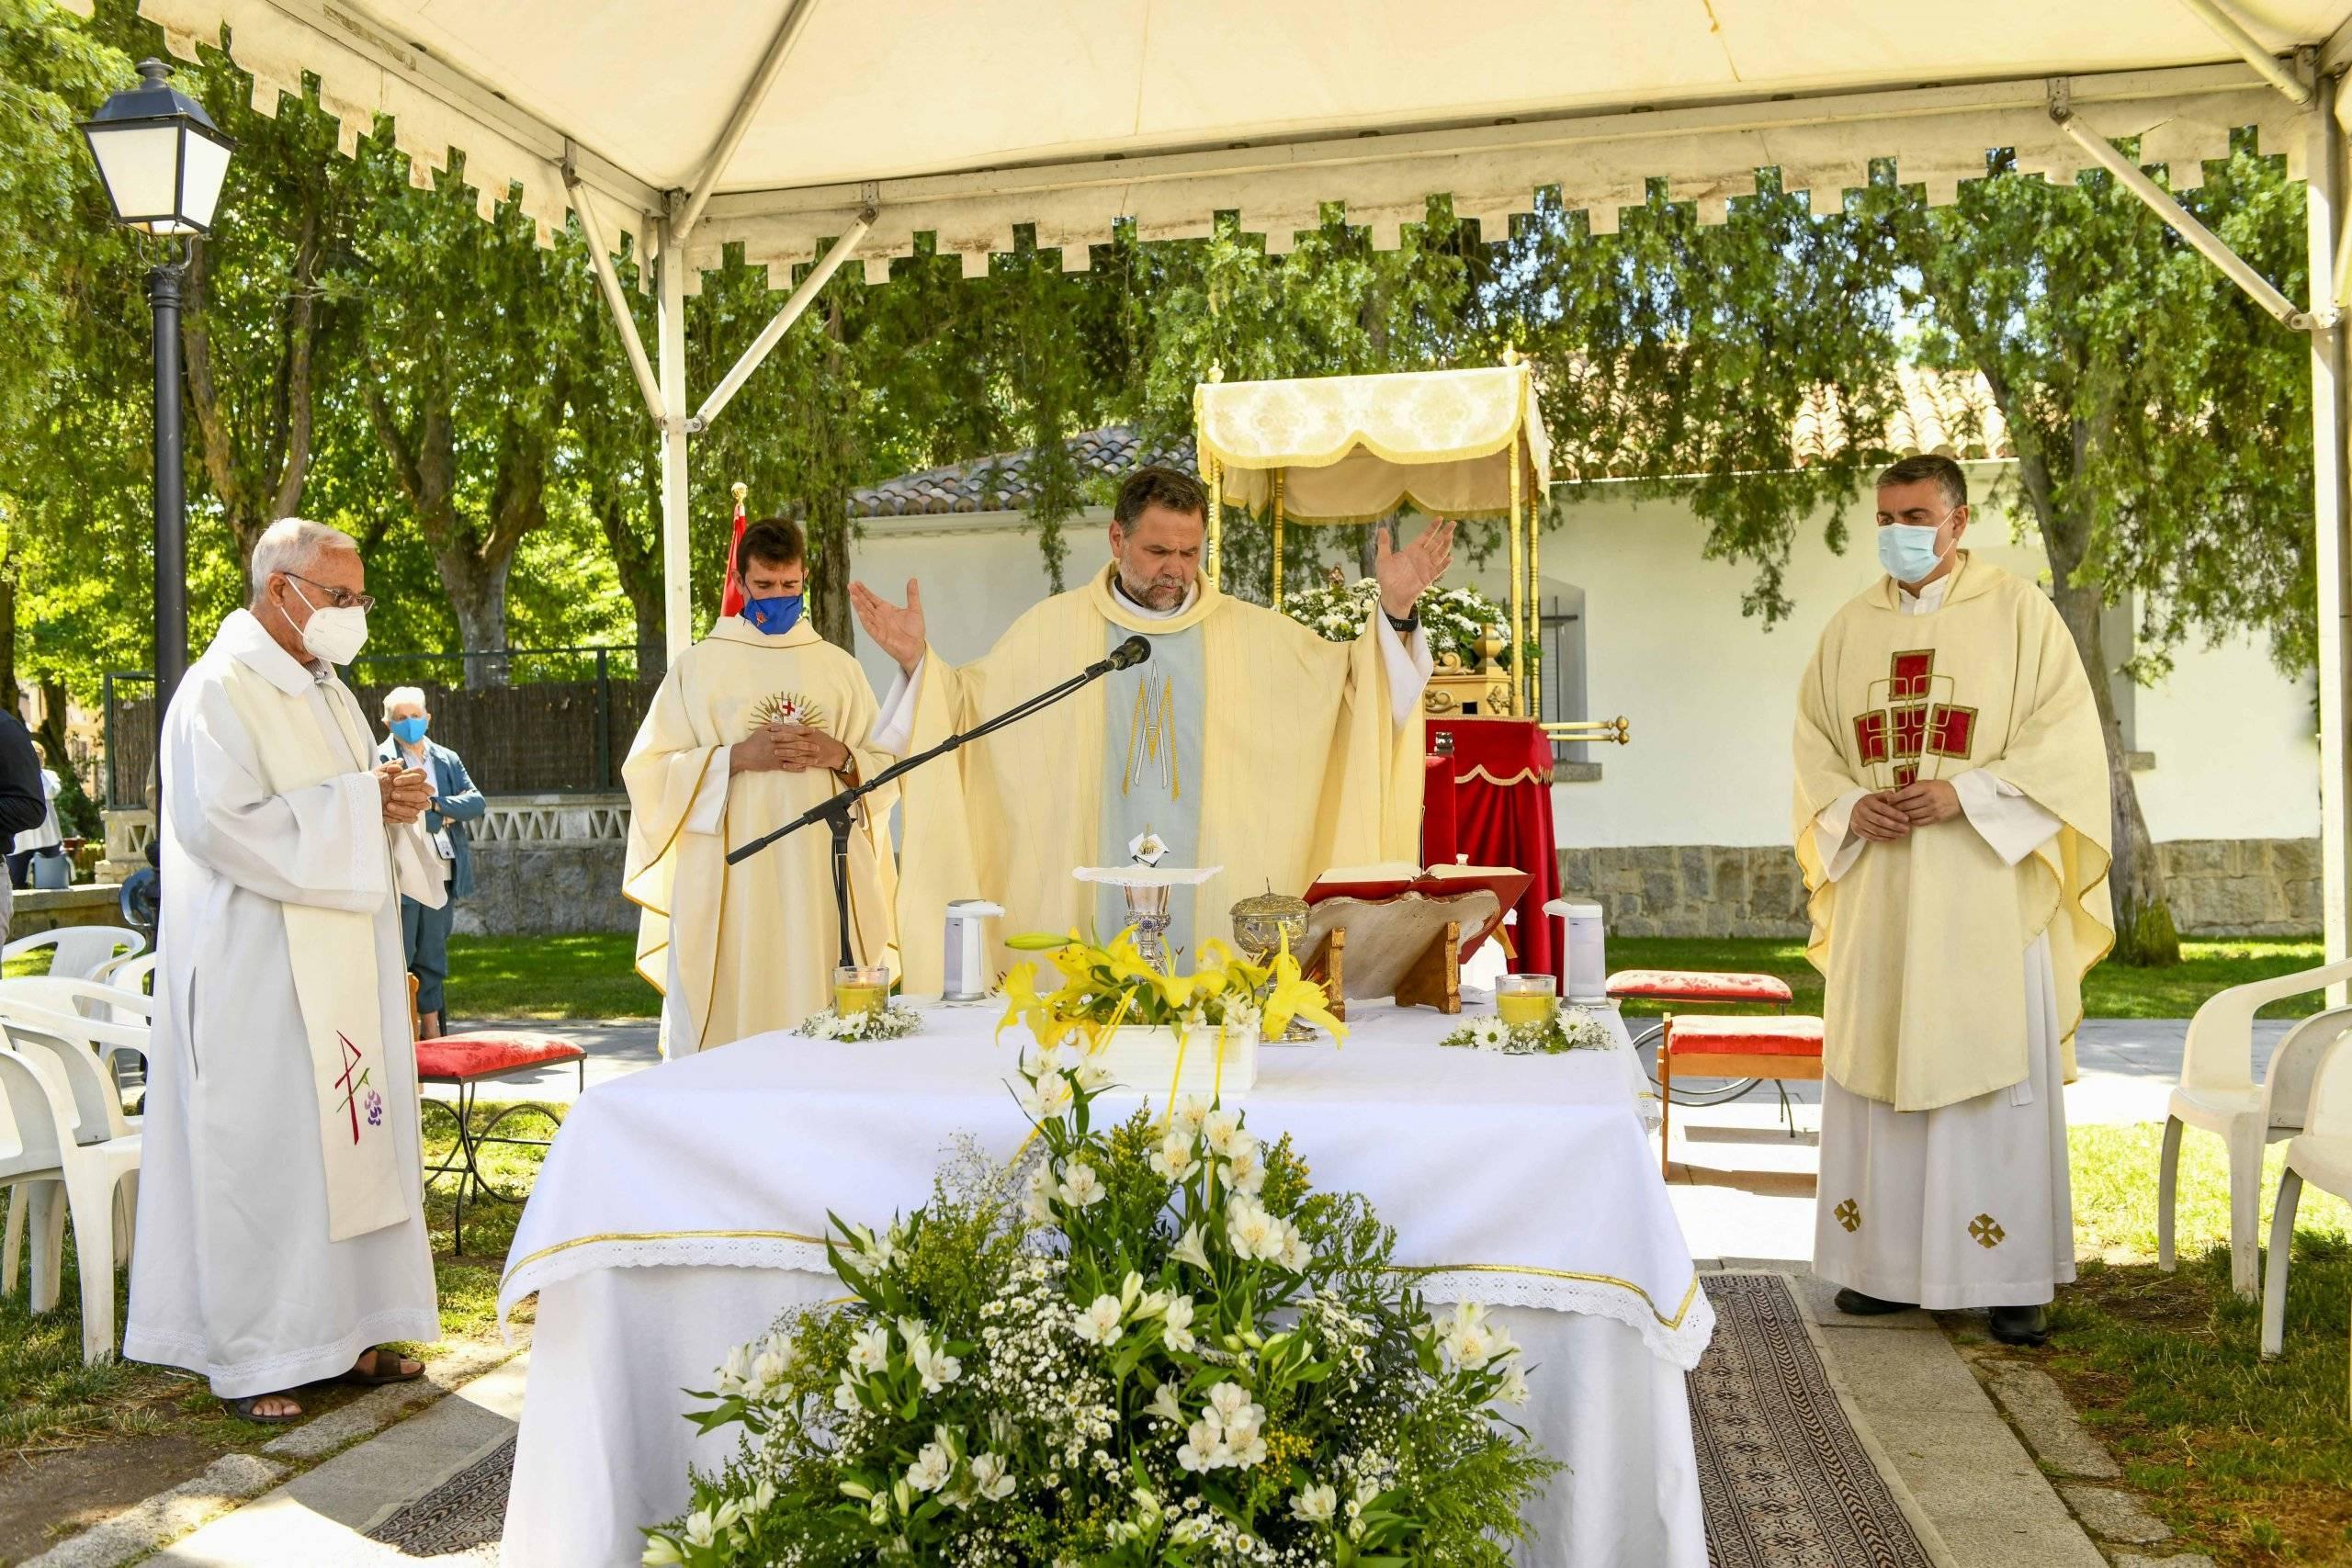 Párrocos del municipio concelebrando la eucaristía.